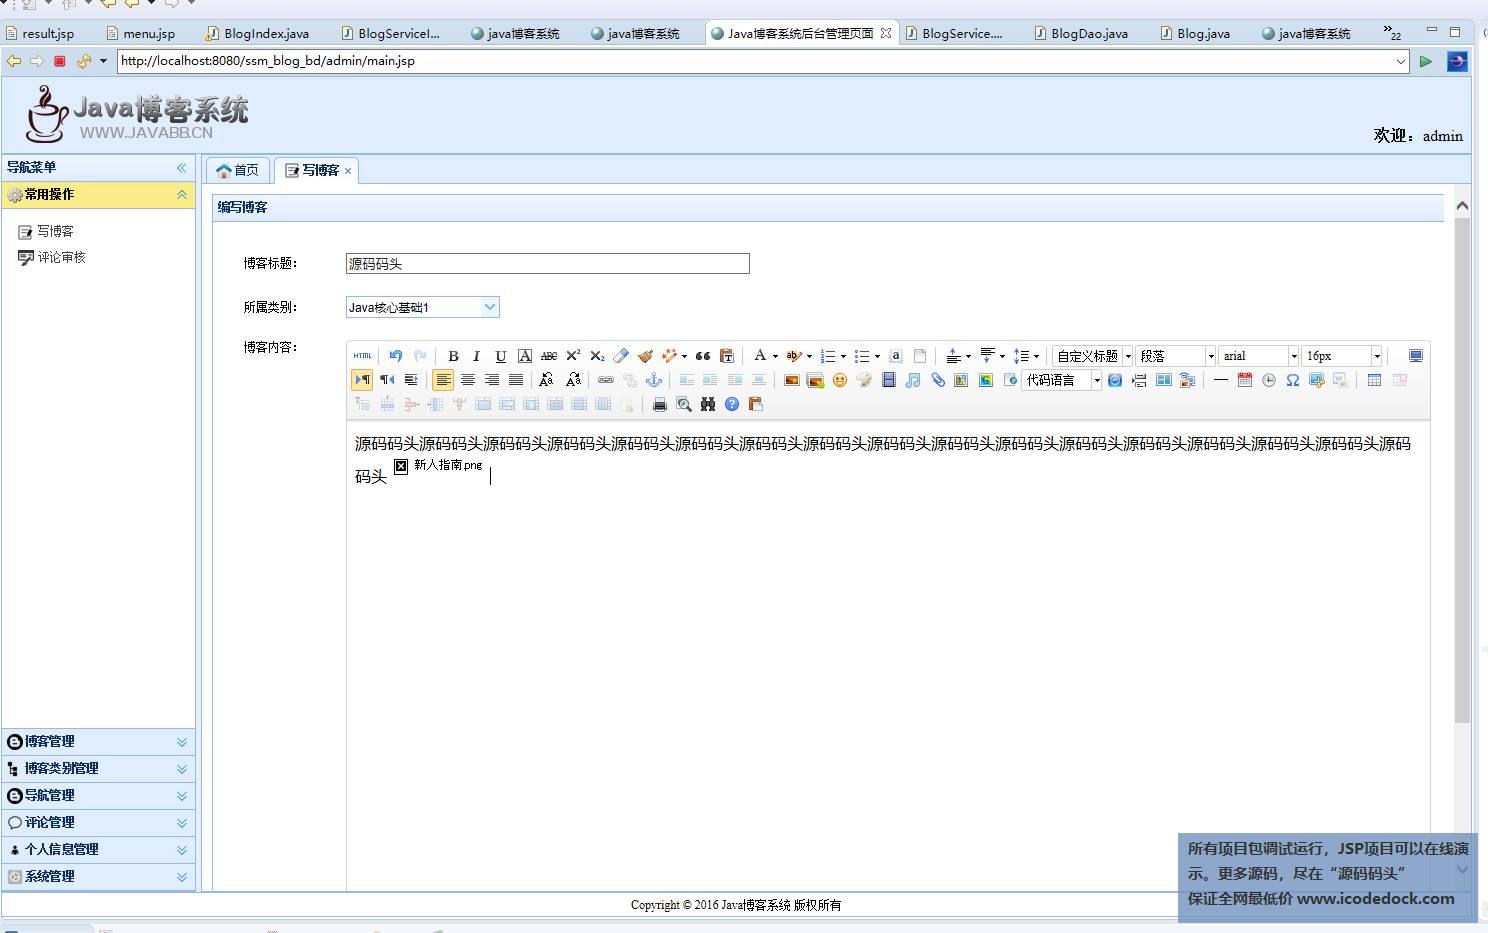 源码码头-SSM个人博客管理系统-管理员角色-发博客